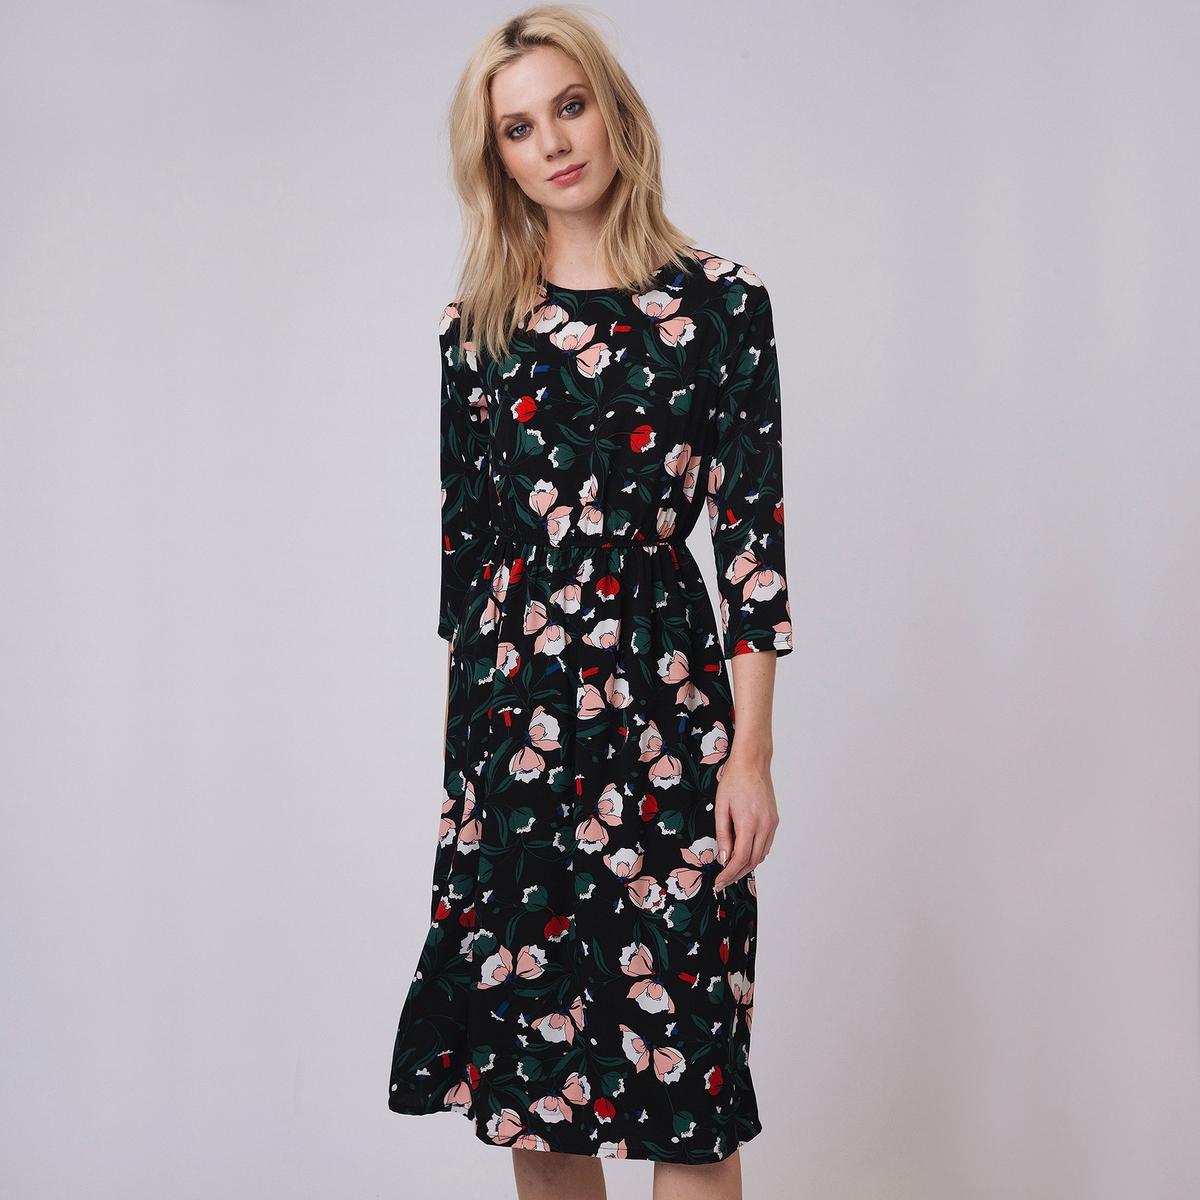 Платье с рукавами 3/4, цветочным рисунком и длиной до колен